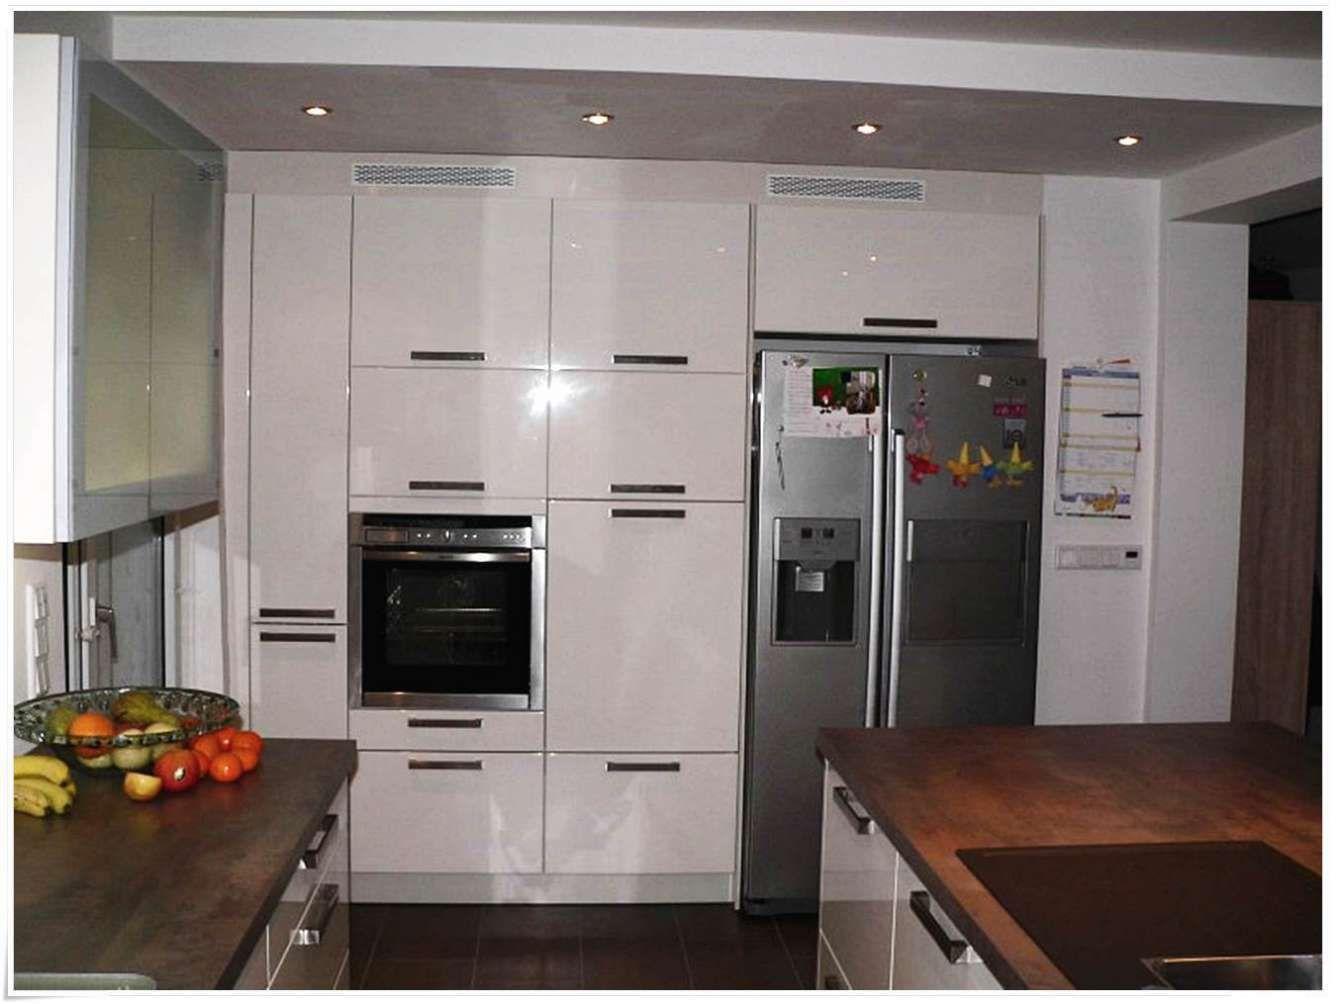 Kuche Mit Side By Side Kuhlschrank Home Ideen Kucheideeneinrichtung Kuche Mit Side By Side Kuhlschrank In 2020 Kitchen Design Small Kitchen Interior Kitchen Design